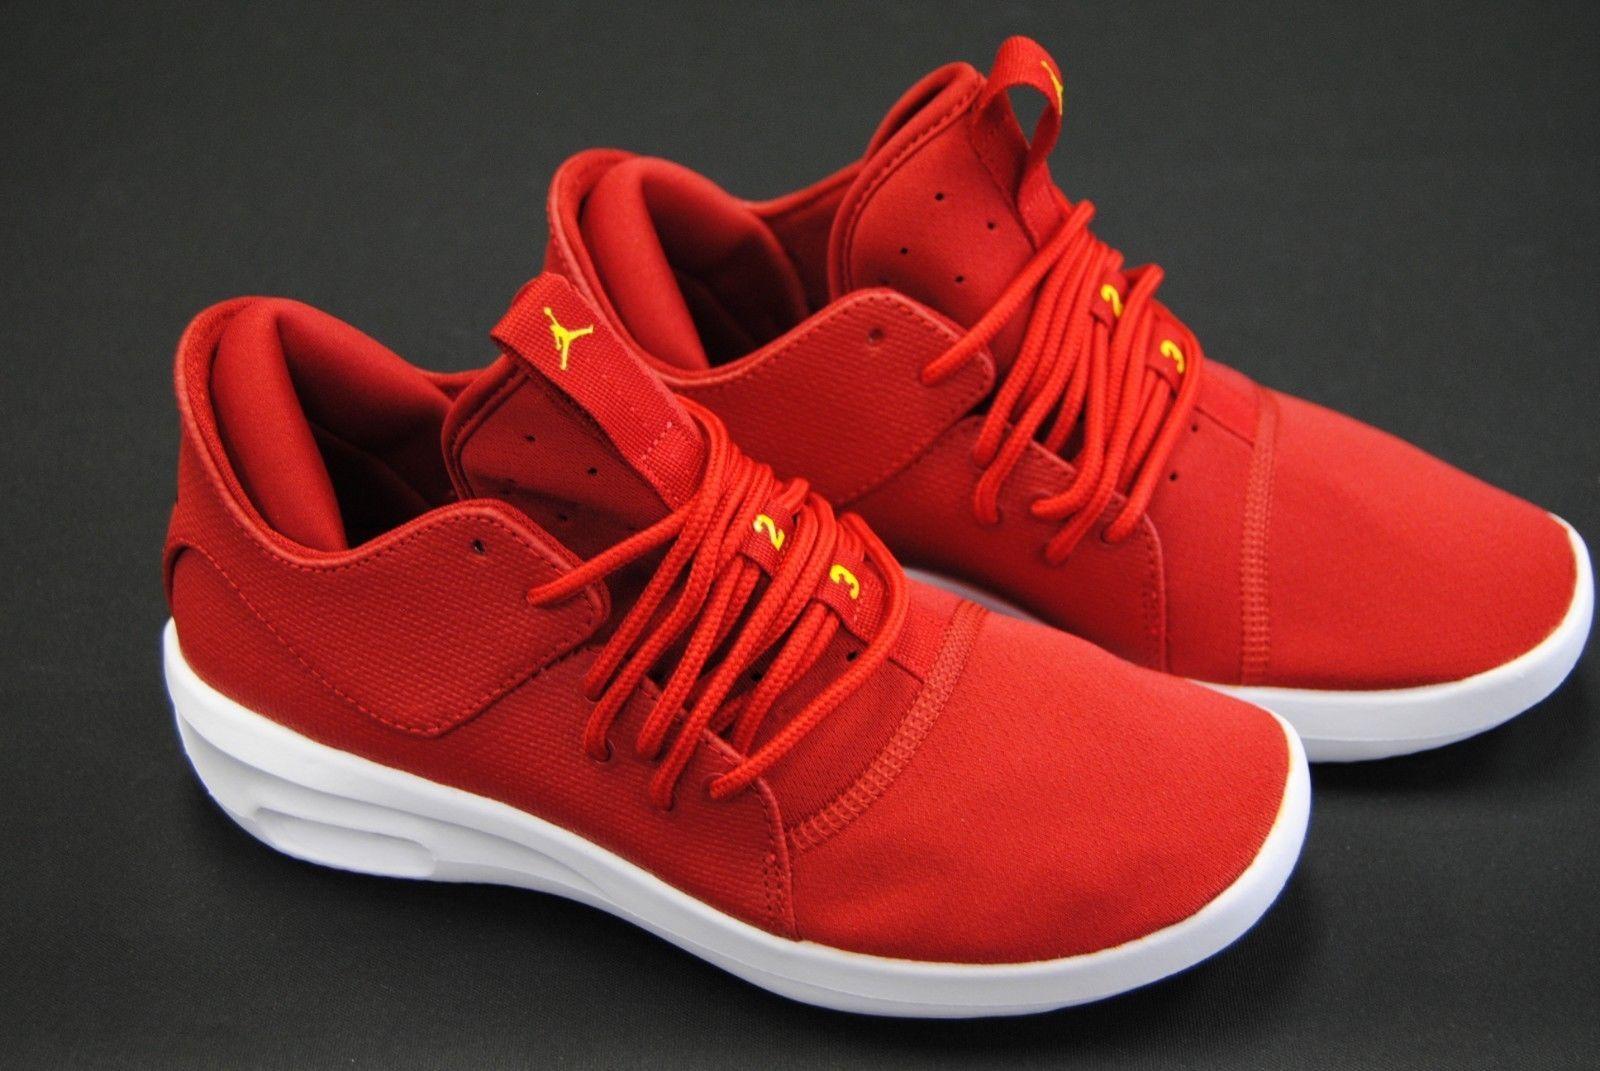 Jordan ones, Air jordans